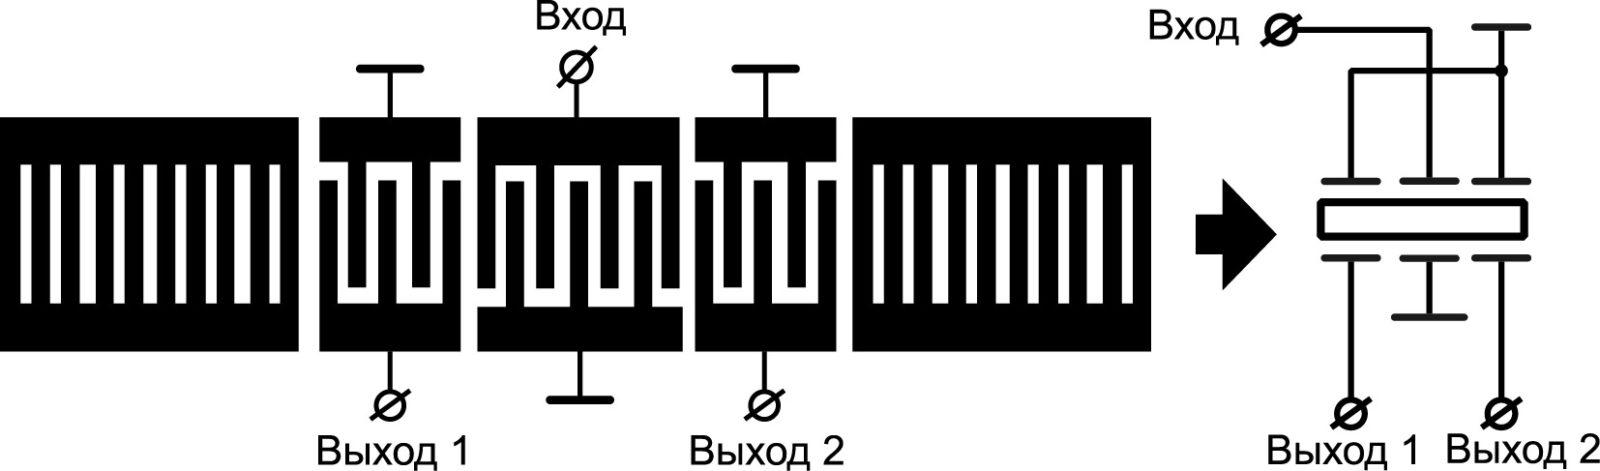 Балансное звено фильтра на ПАВ c продольной акустической связью резонаторов